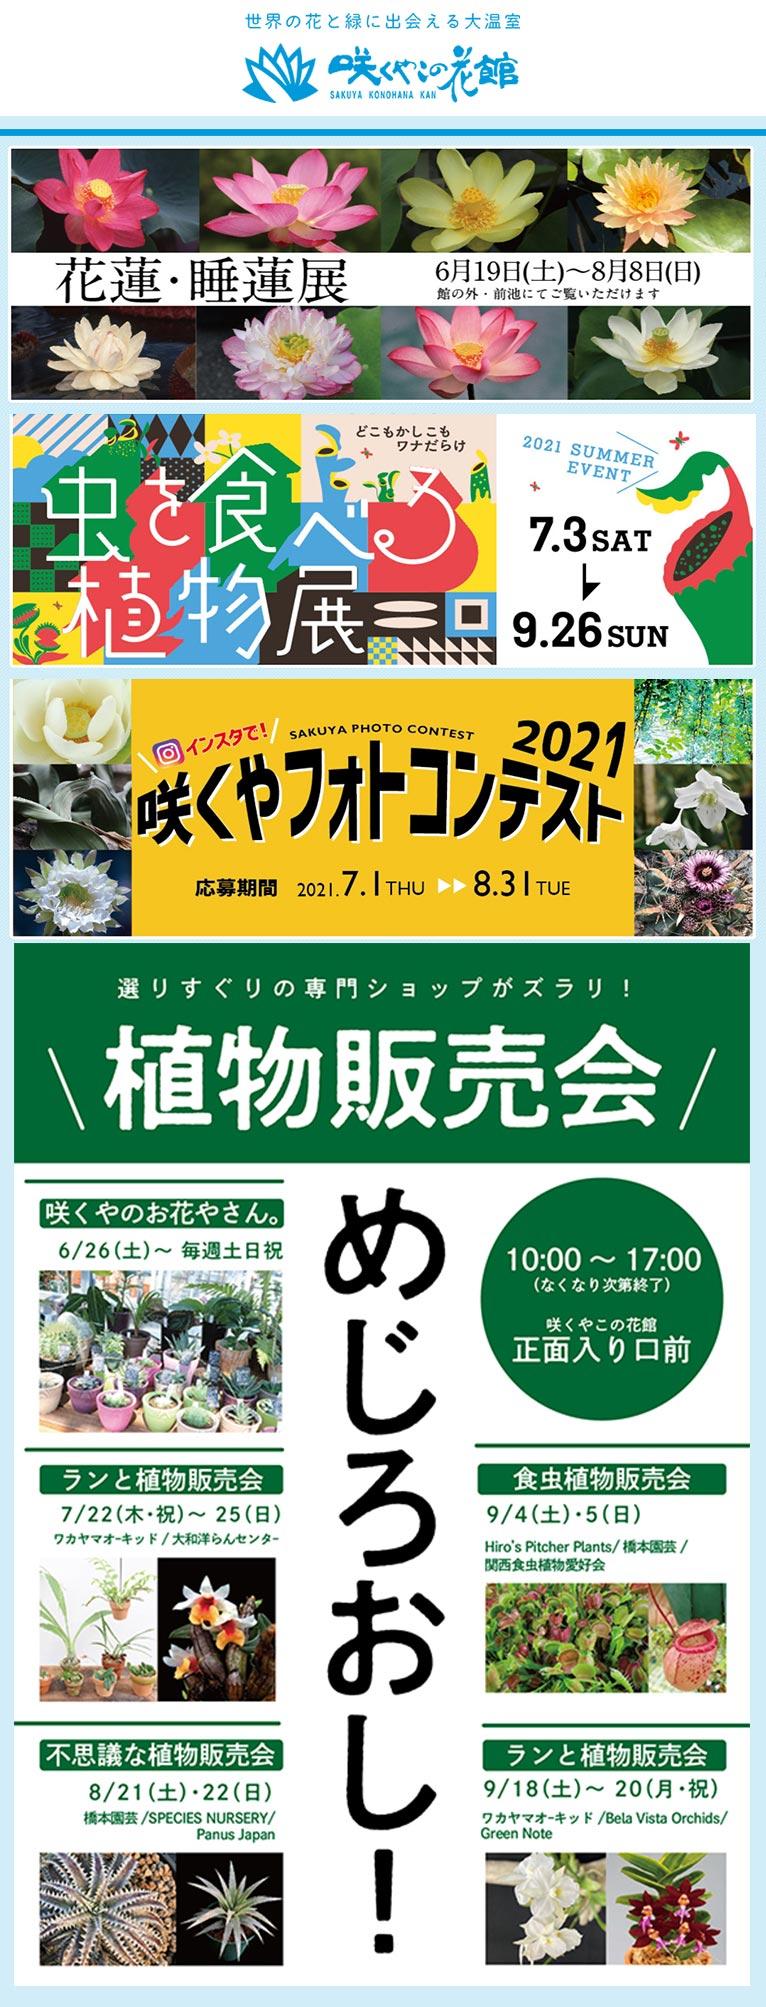 2021年咲くやこの花館夏のイベント 6月19日~8月8日『花蓮・睡蓮展』 6月26日~9/18日の土日祝『めじろおし!植物販売会』 7月1日~8月31日『咲くやフォトコンテスト2021作品募集』 7月3日~9月26日『虫を食べる植物展』